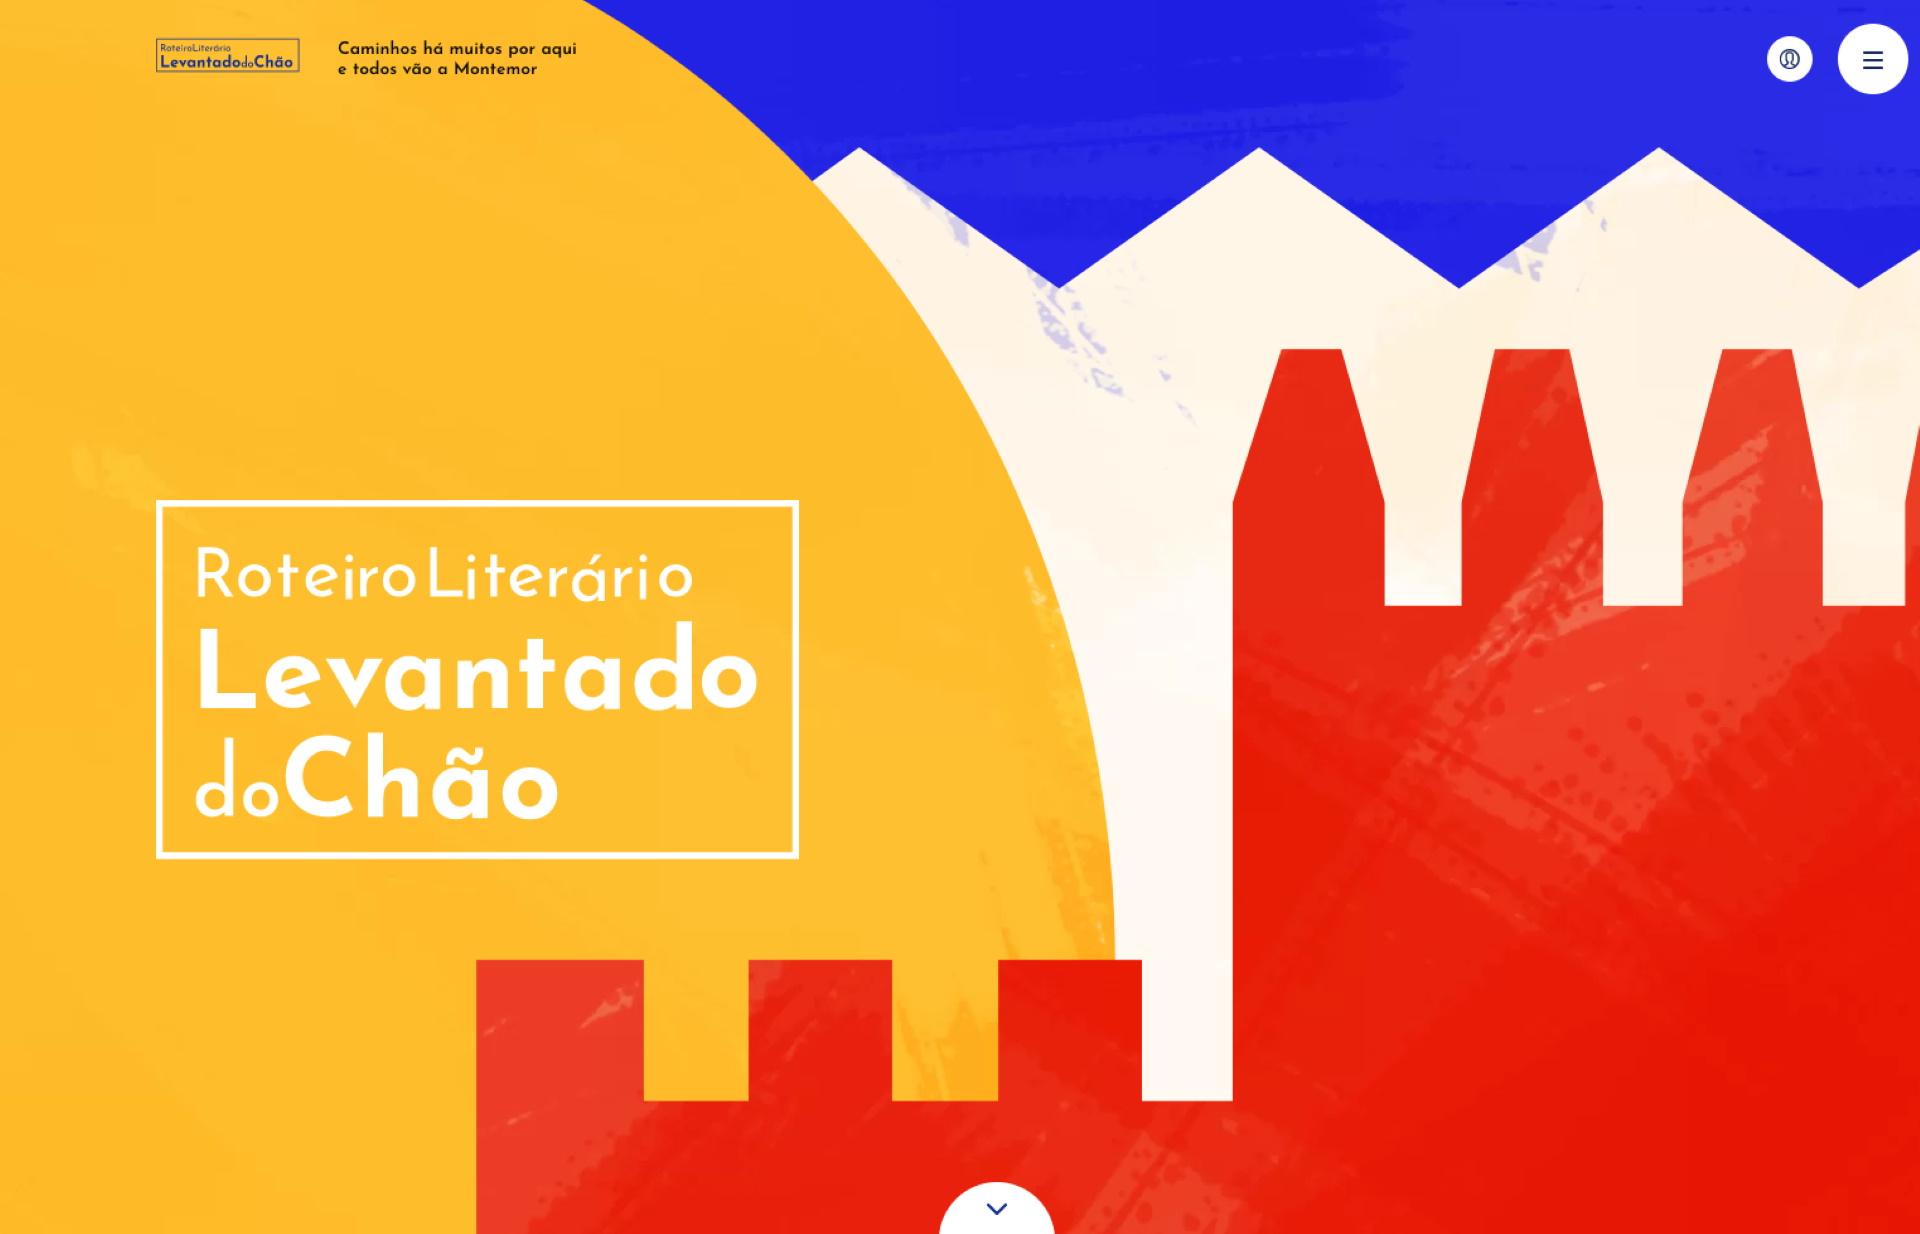 """(Português) Évora integra Roteiro Literário """"Levantado do Chão"""""""